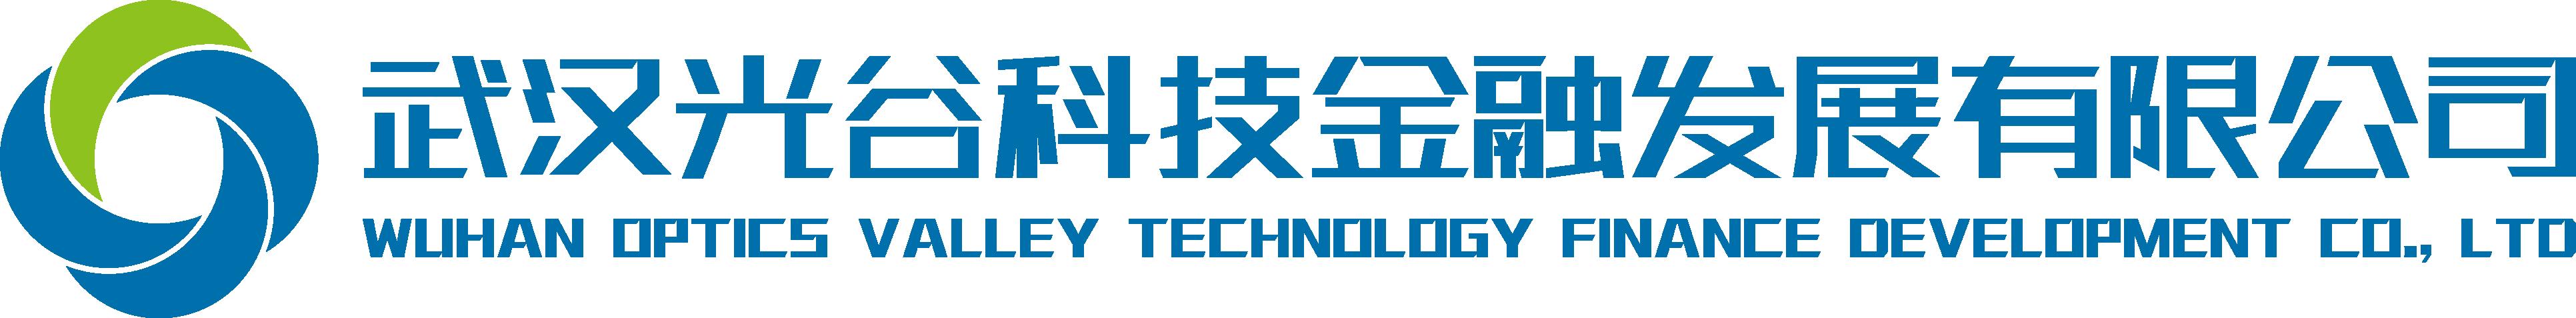 武汉光谷科技金融发展有限公司